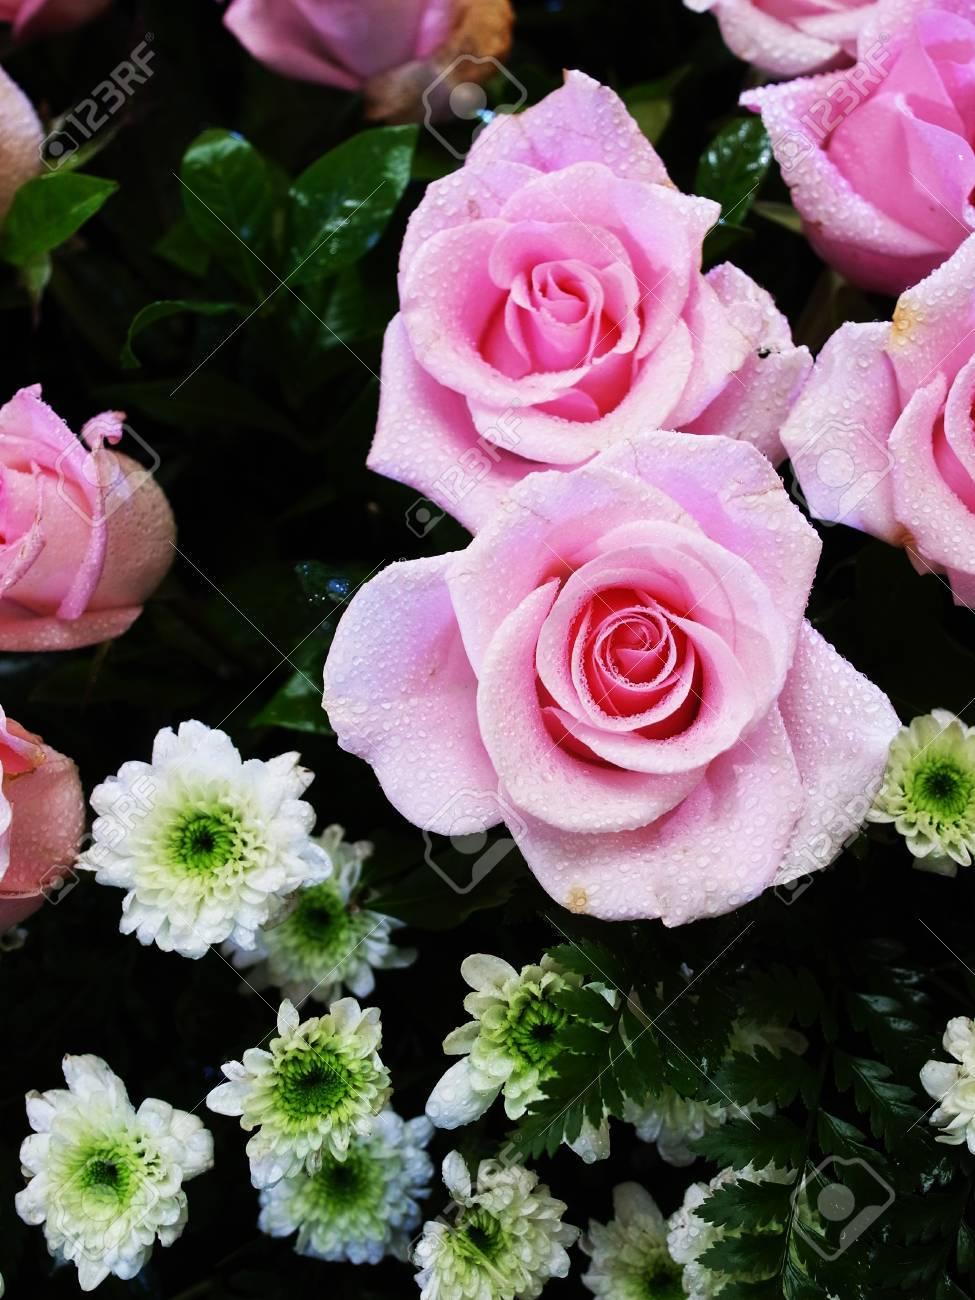 Las Rosas Rosadas Son El Símbolo De La Belleza Y La Ternura